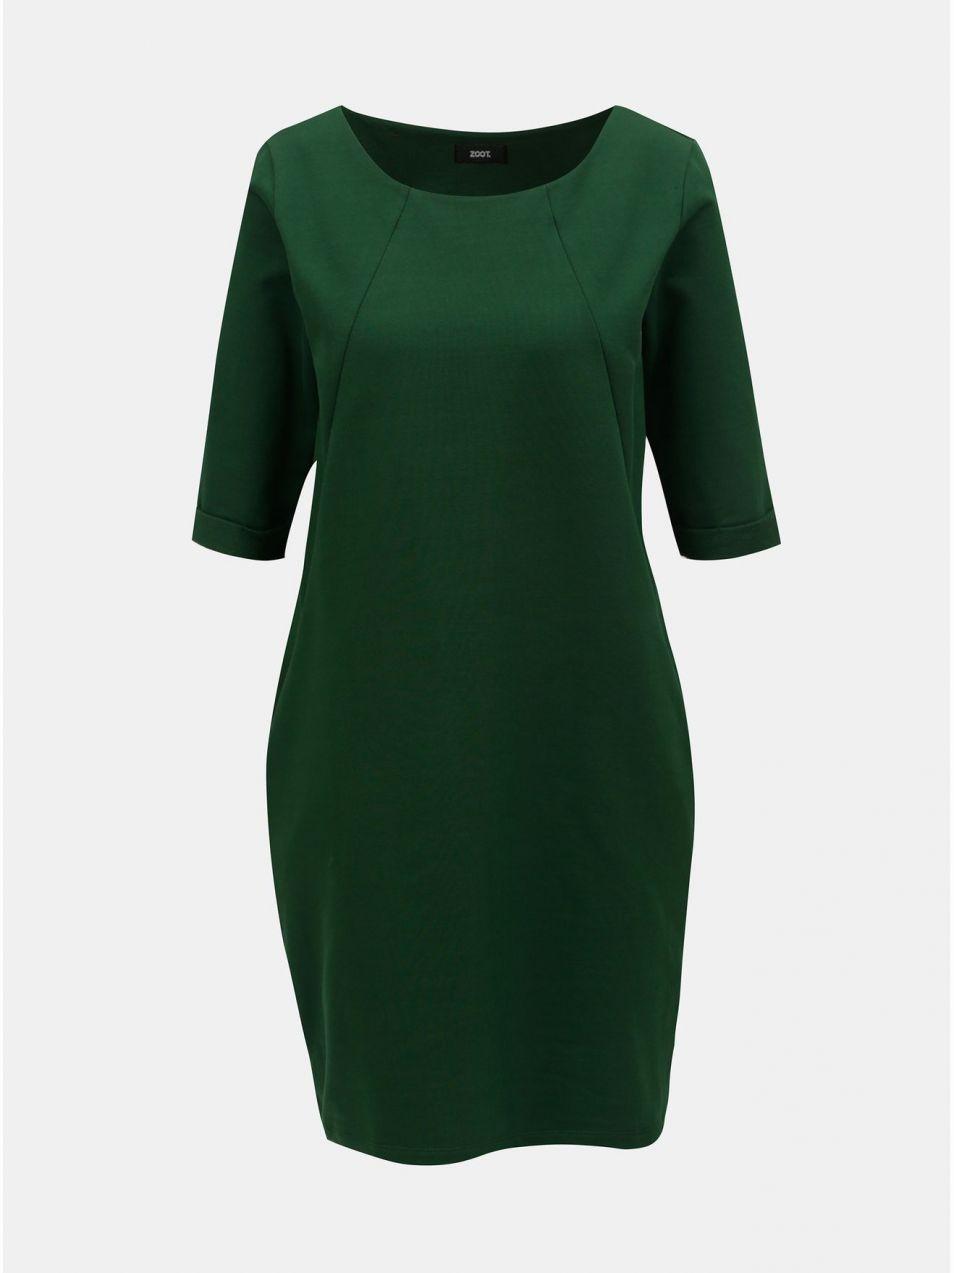 85888422a457 Zelené voľné šaty s vreckami ZOOT značky ZOOT - Lovely.sk